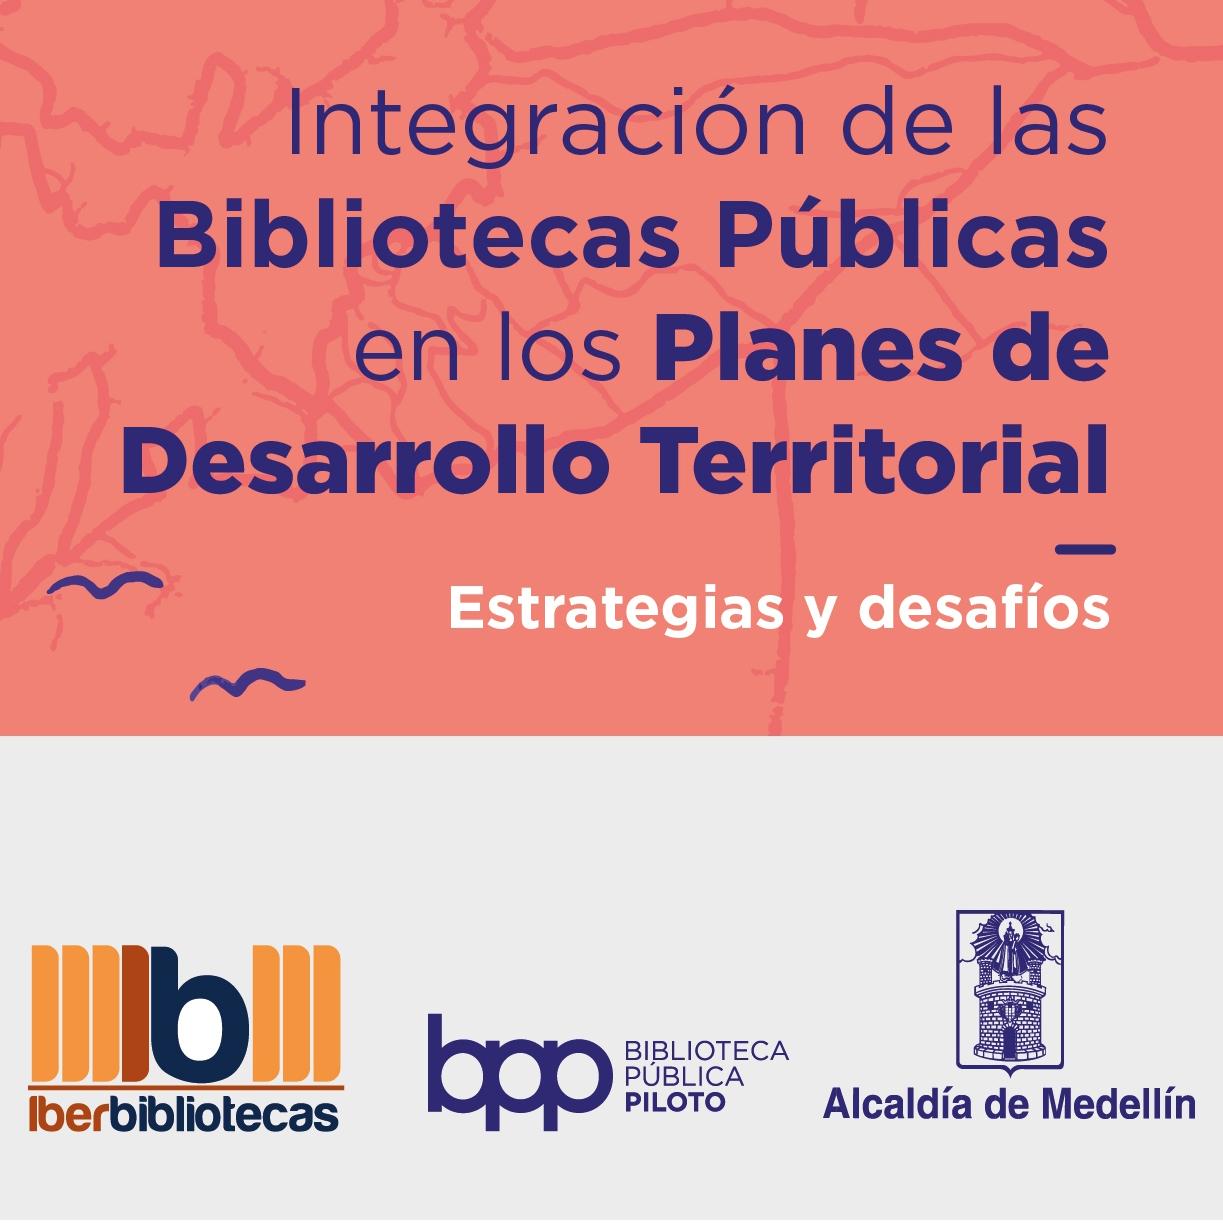 INTEGRACIÓN DE LAS BIBLIOTECAS PÚBLICAS EN LOS PLANES DE DESARROLLO TERRITORIAL